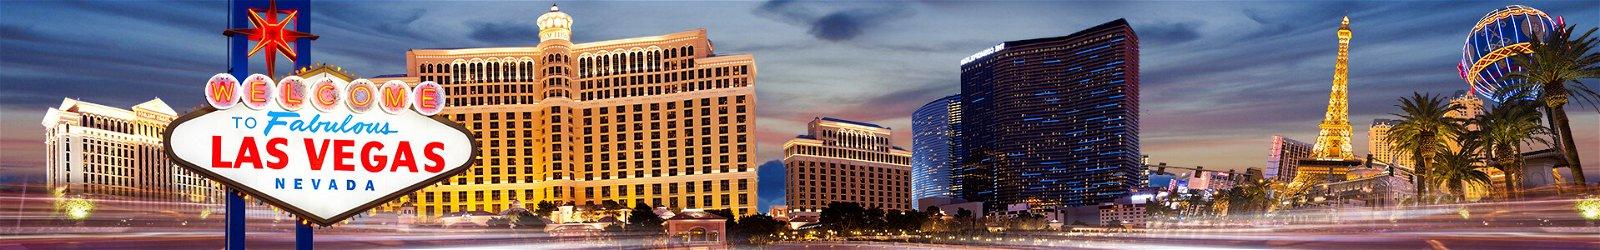 Viajes y paquetes a Las Vegas con salidas en Mayo desde México 2020